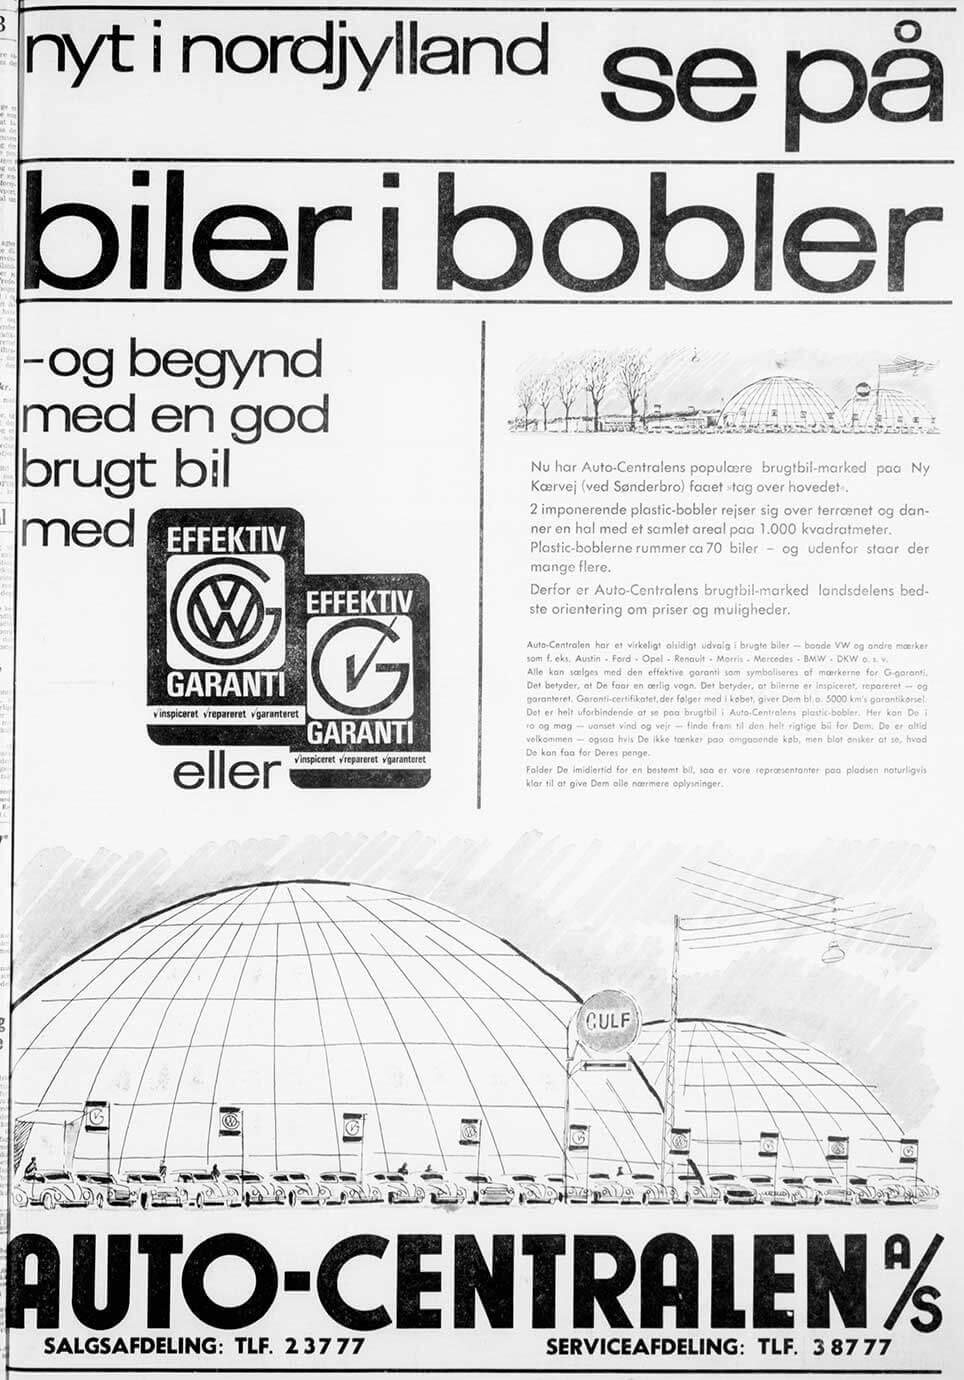 Biler i bobler. Annonce i Aalborg Stiftstidende 1963